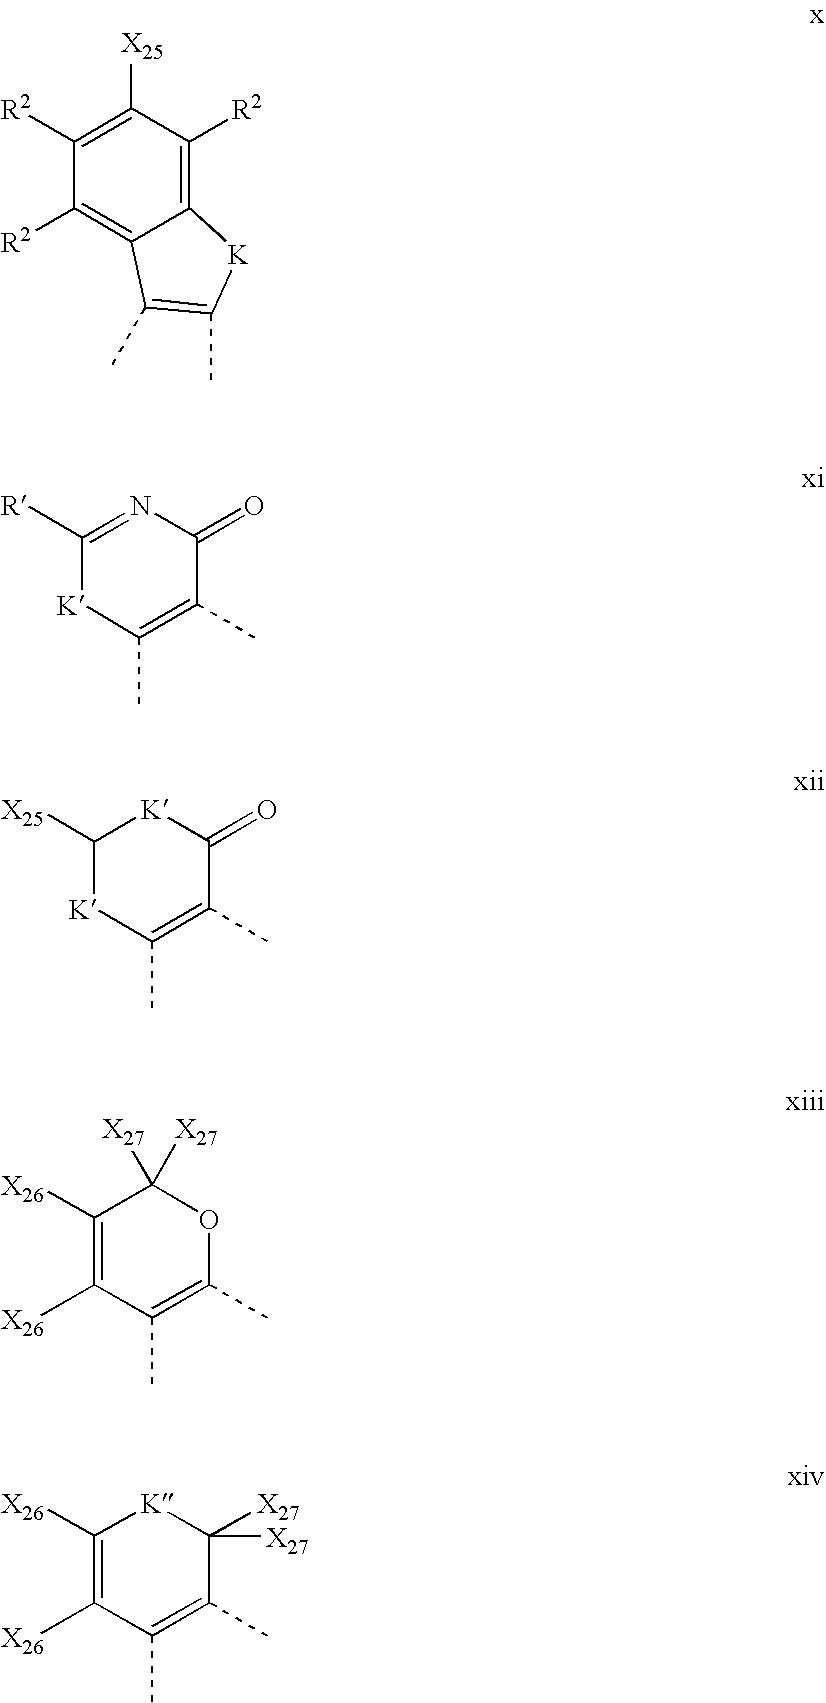 Figure US20070047054A1-20070301-C00008